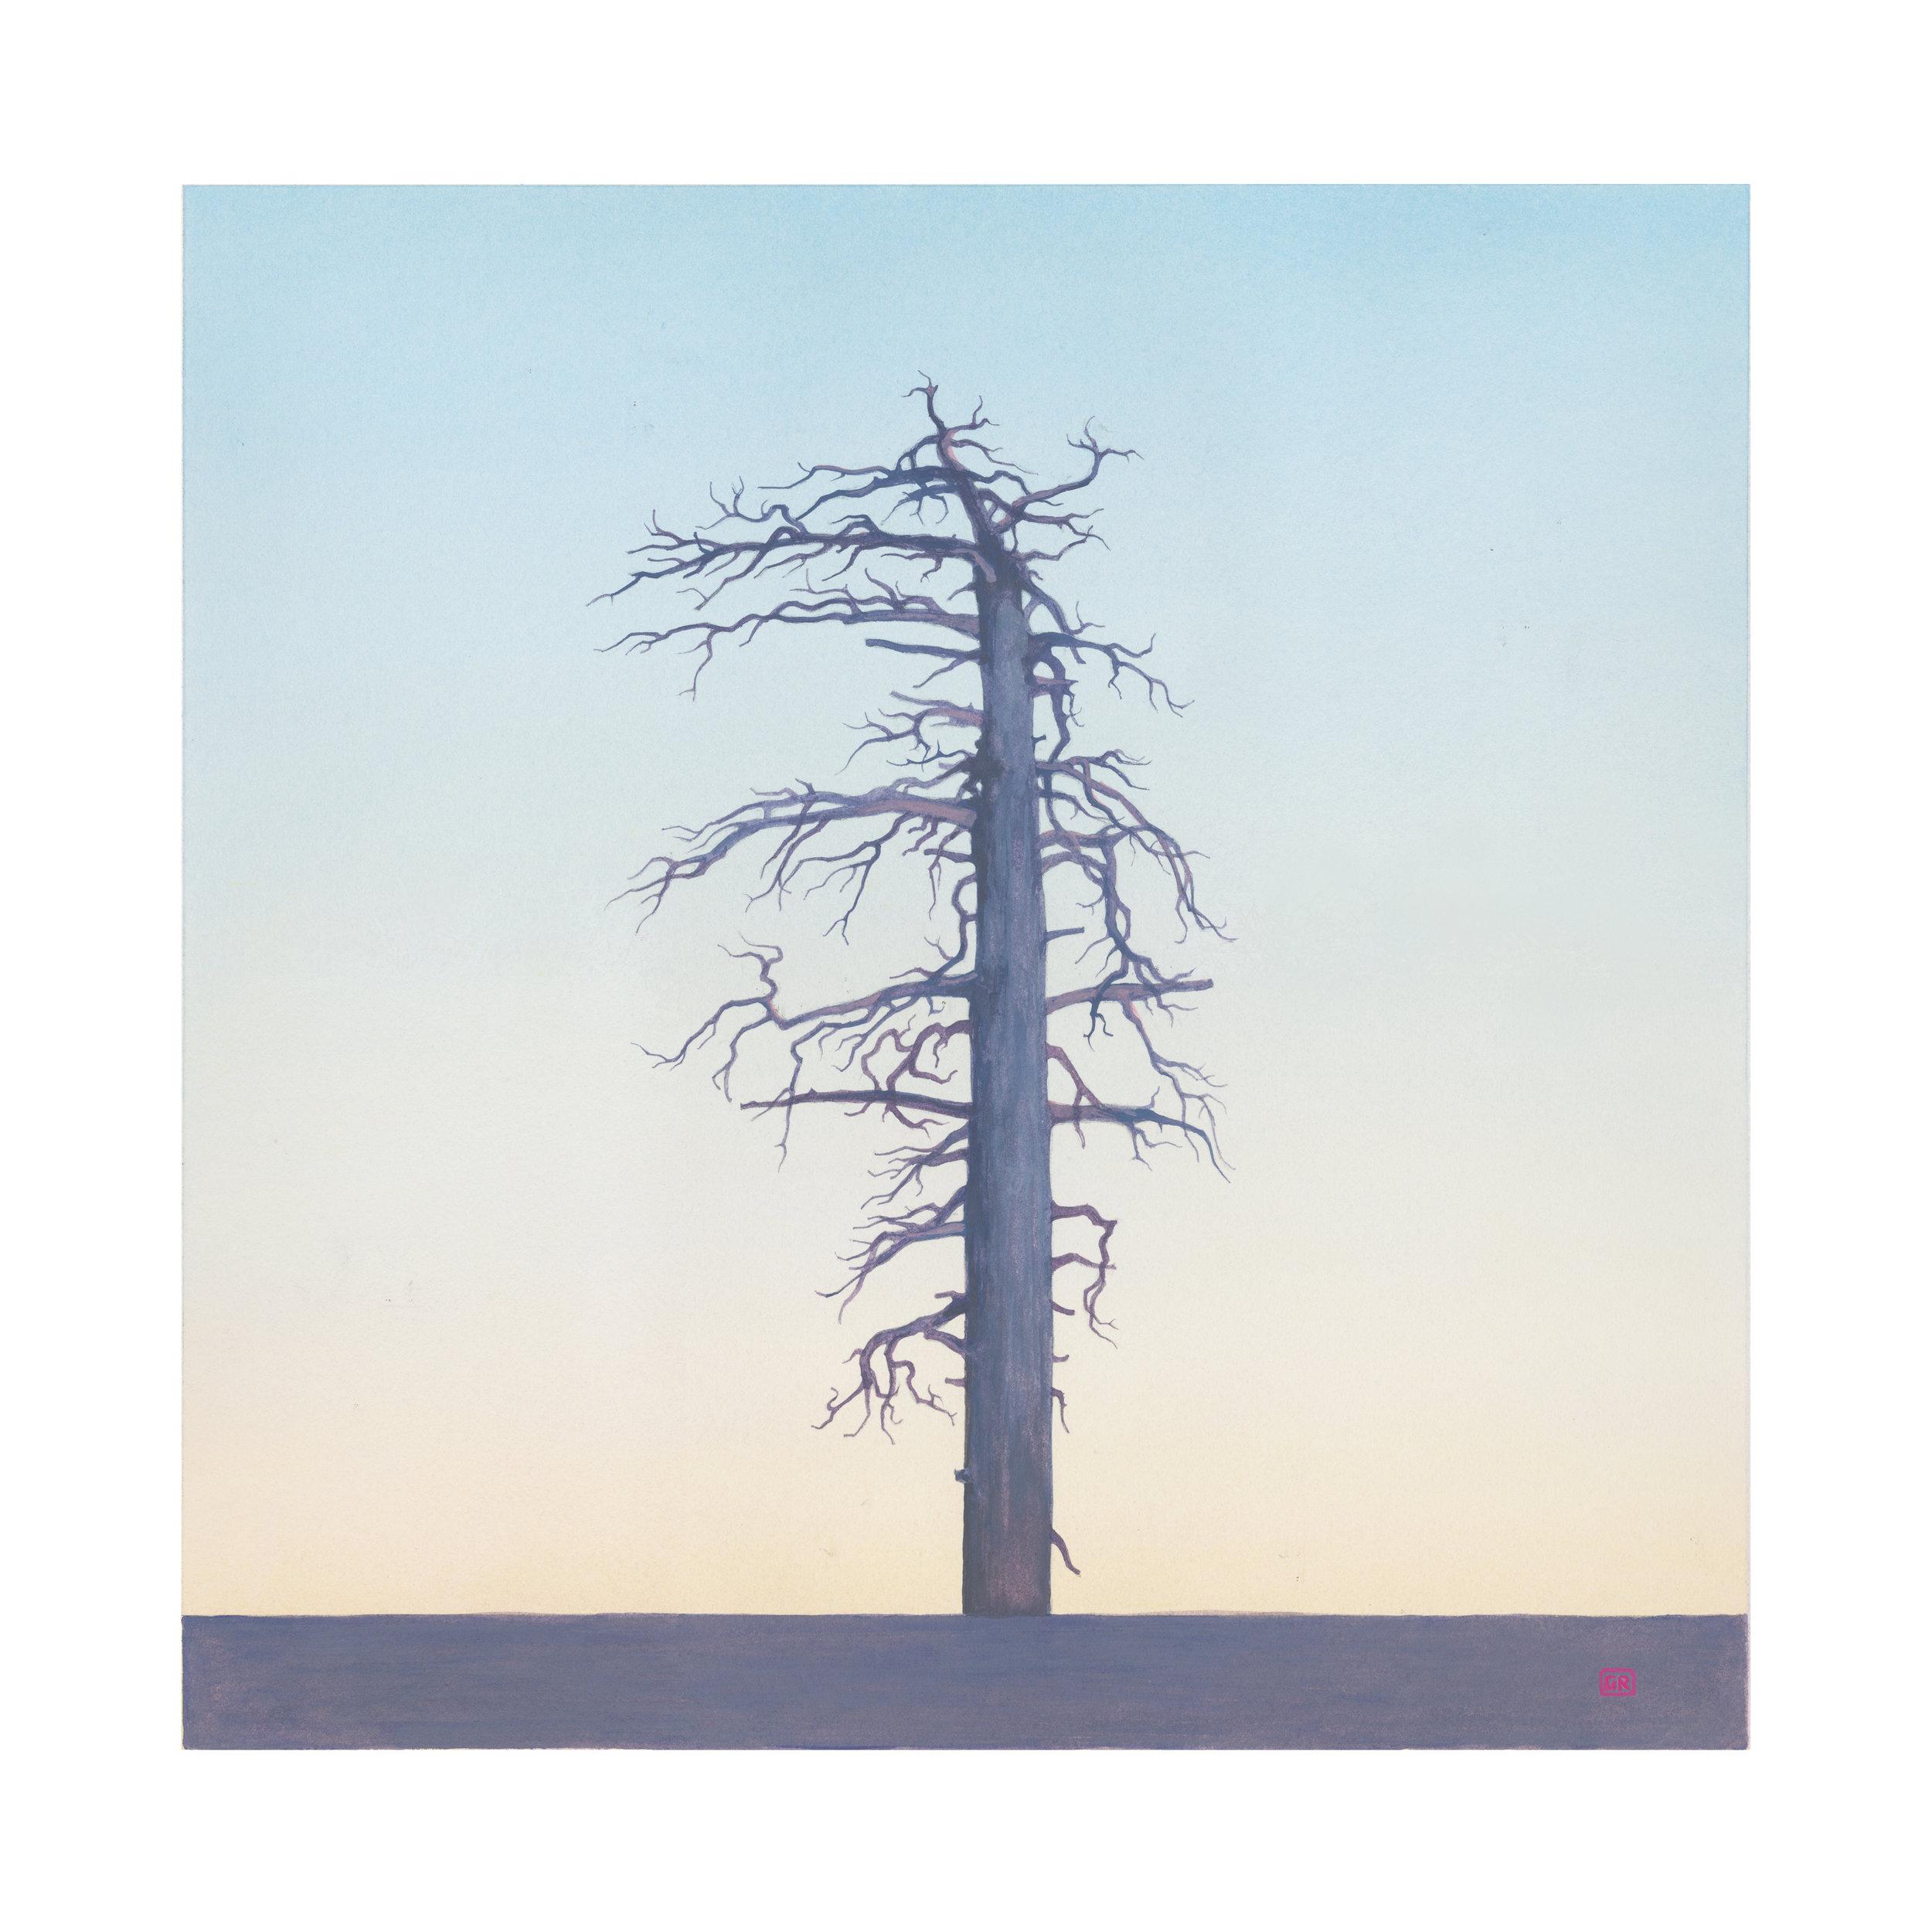 GRose_Tree(34˚20.492'N117˚56.244'W).jpg